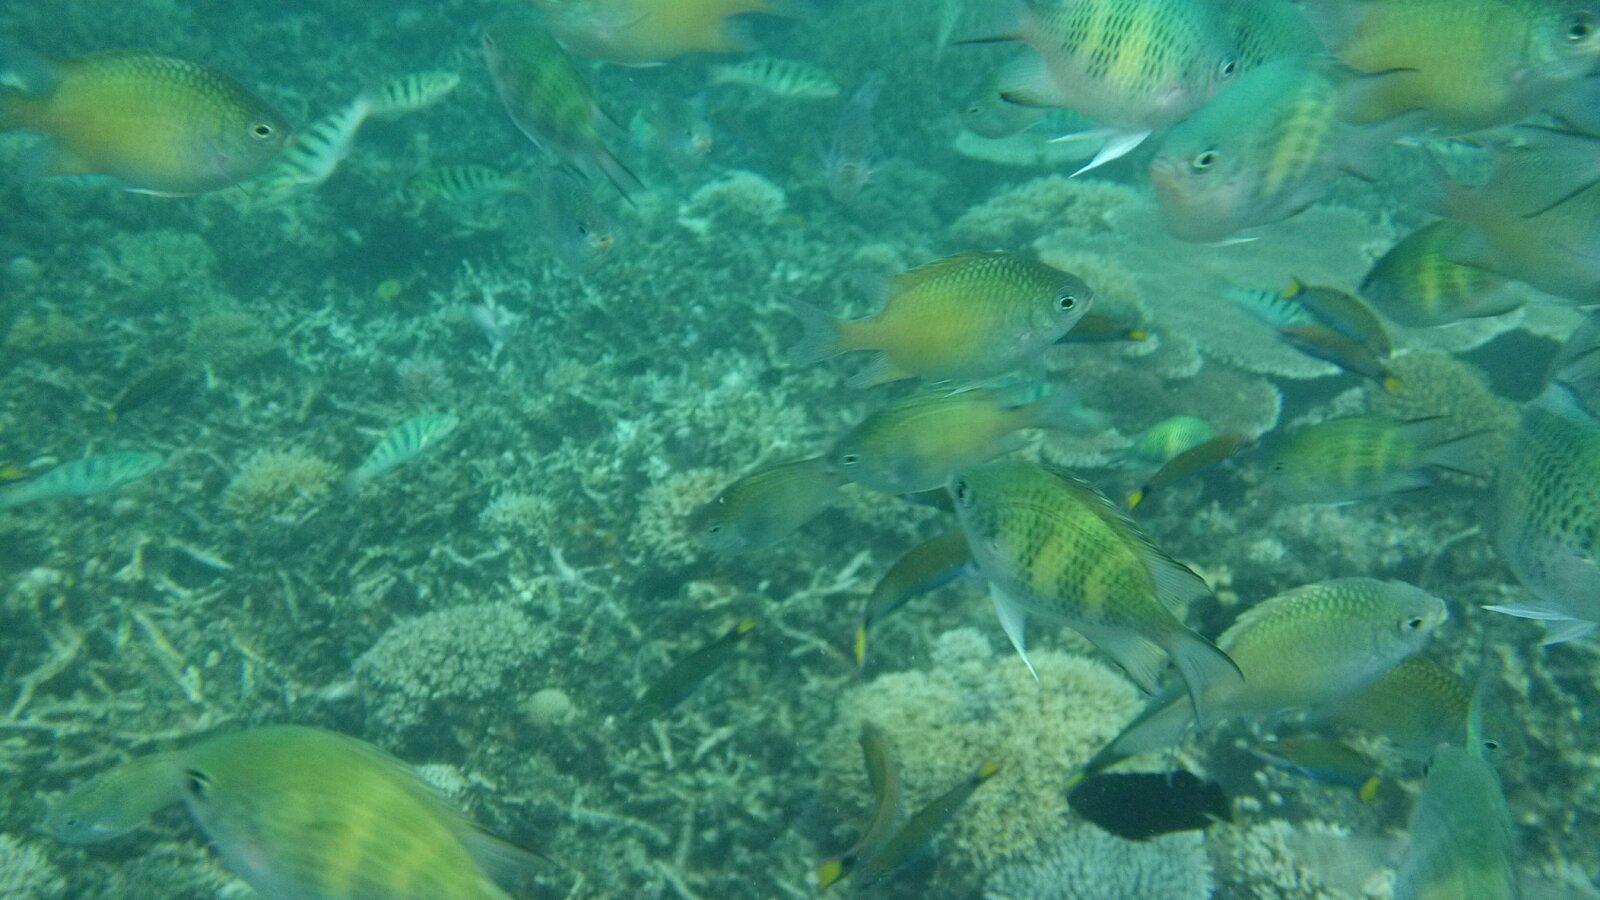 壁纸 海底 海底世界 海洋馆 水族馆 1600_900